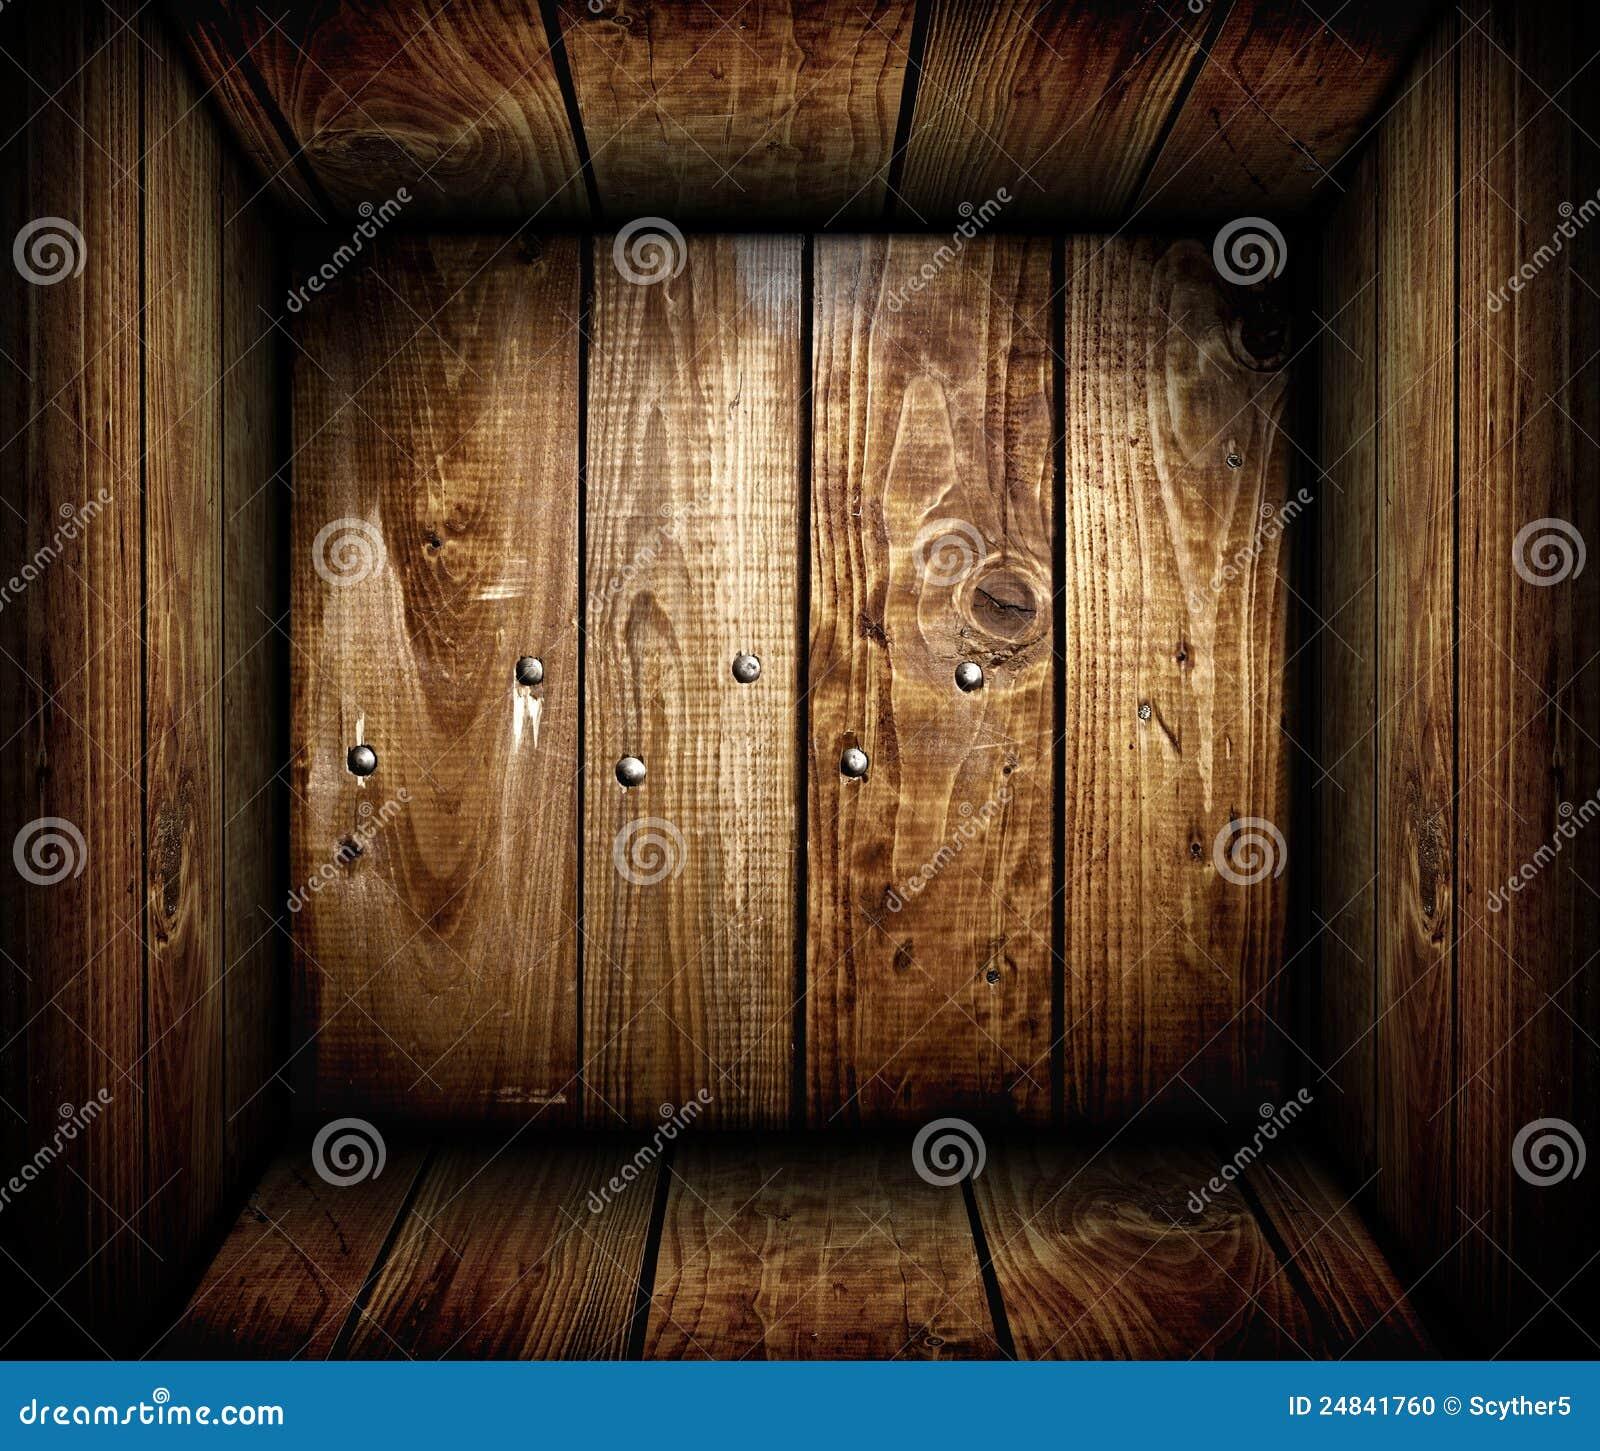 All interno di una cassa di legno vuota. Casella di legno